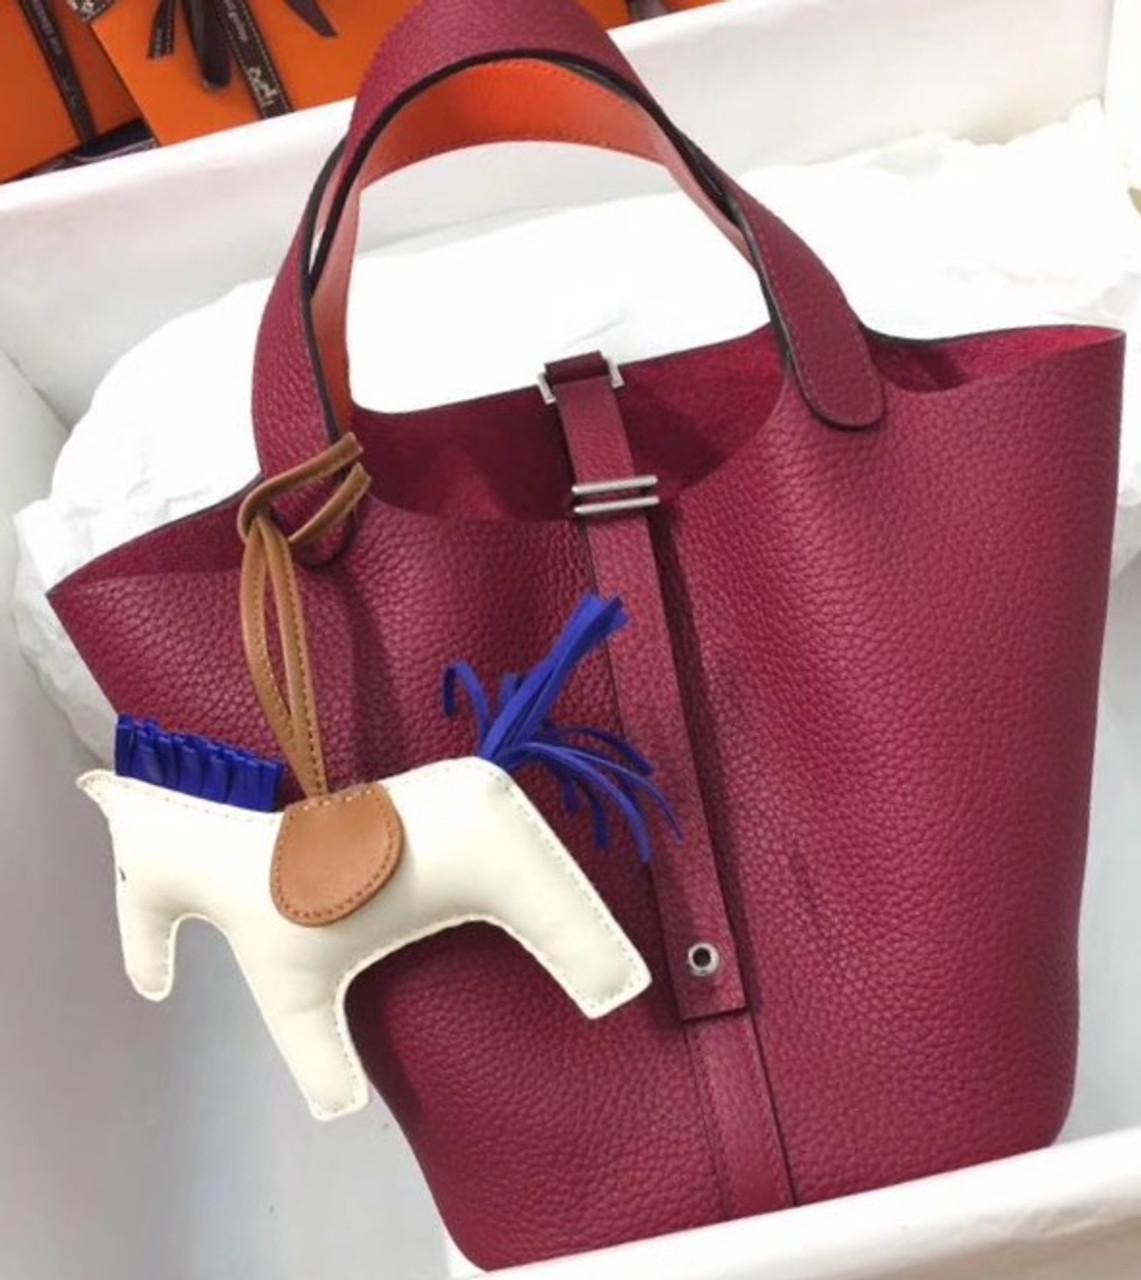 3c41460bd250 sale hermes rouge orange picotin lock 18 togo leather bag 69c83 41d87